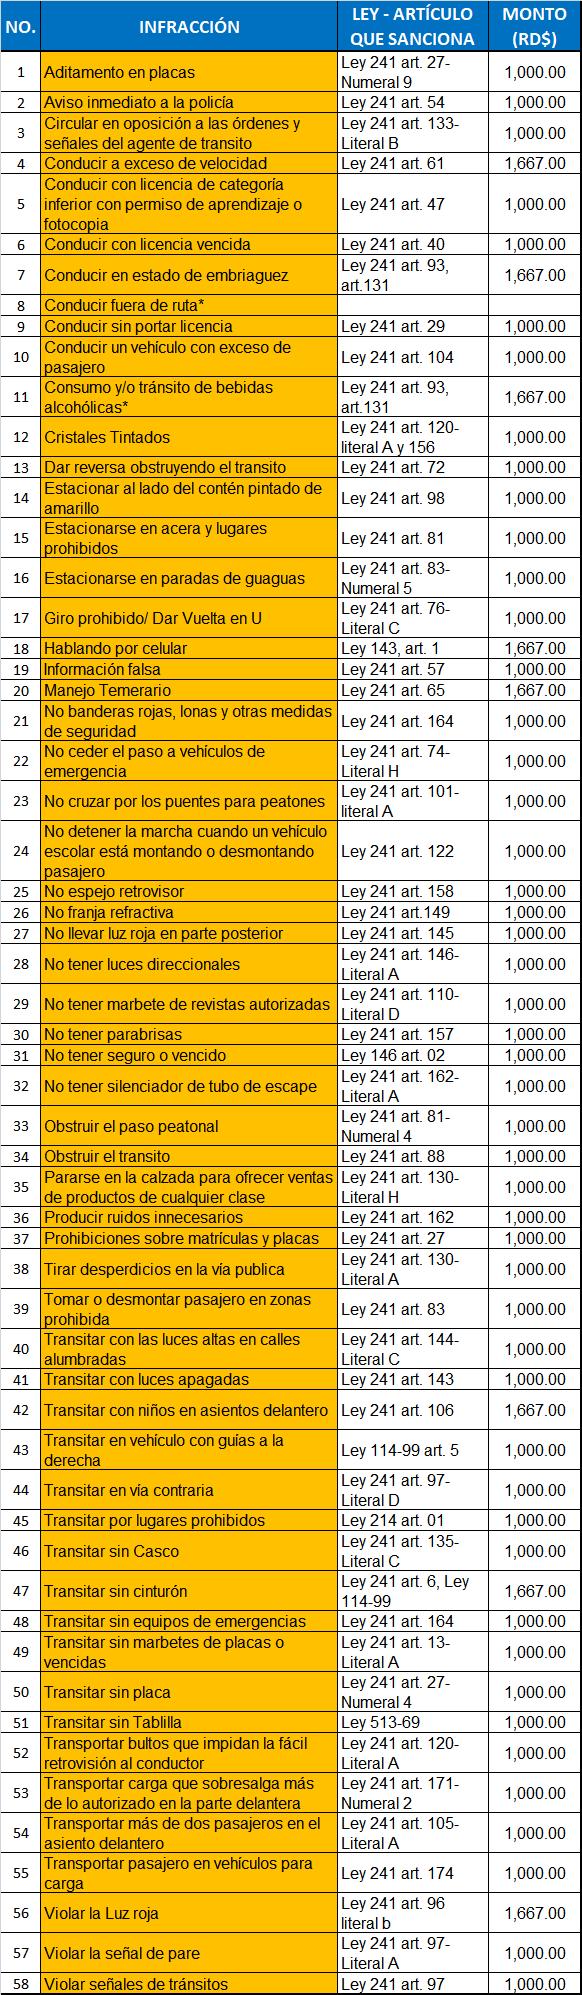 Infracciones de Tránsito que Regula AMET, Ley que Sanciona a Cada Una y su Monto en RD$